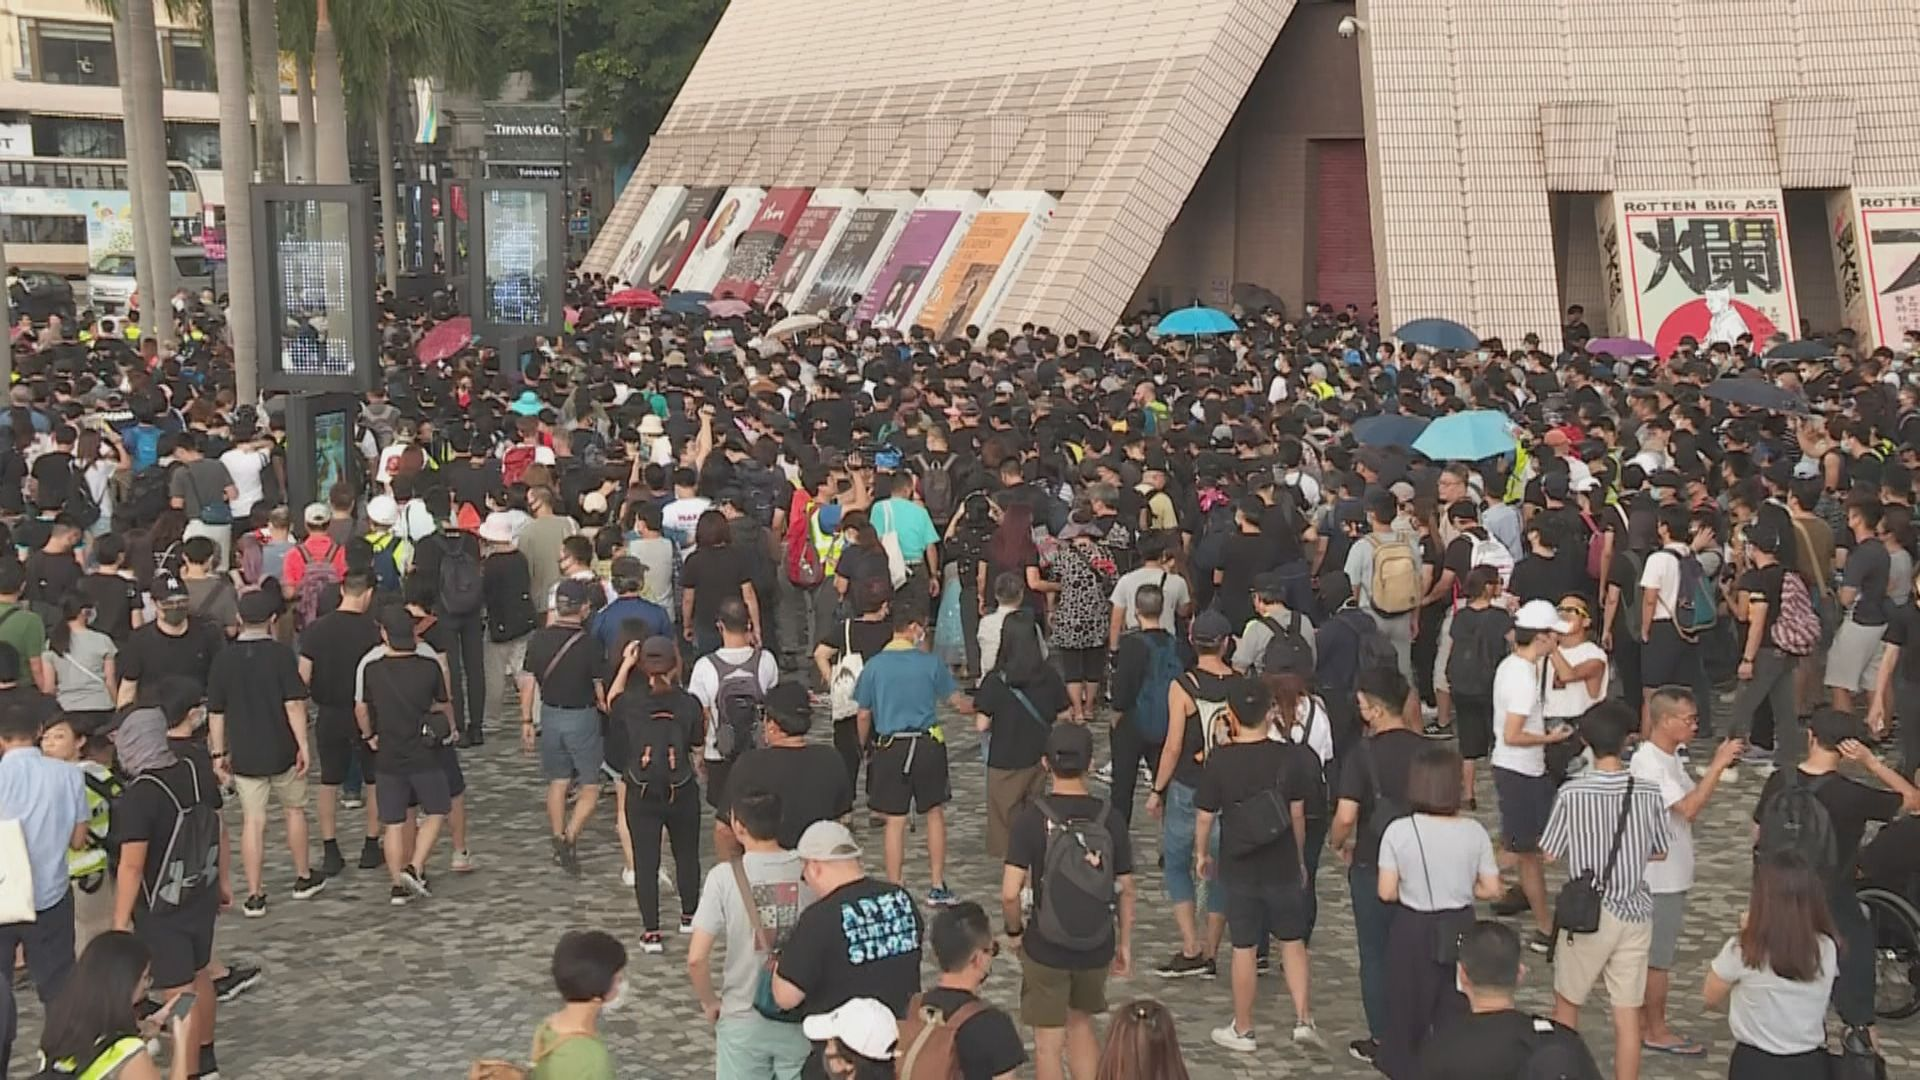 尖沙咀遊行 有市民指為反對禁蒙面法